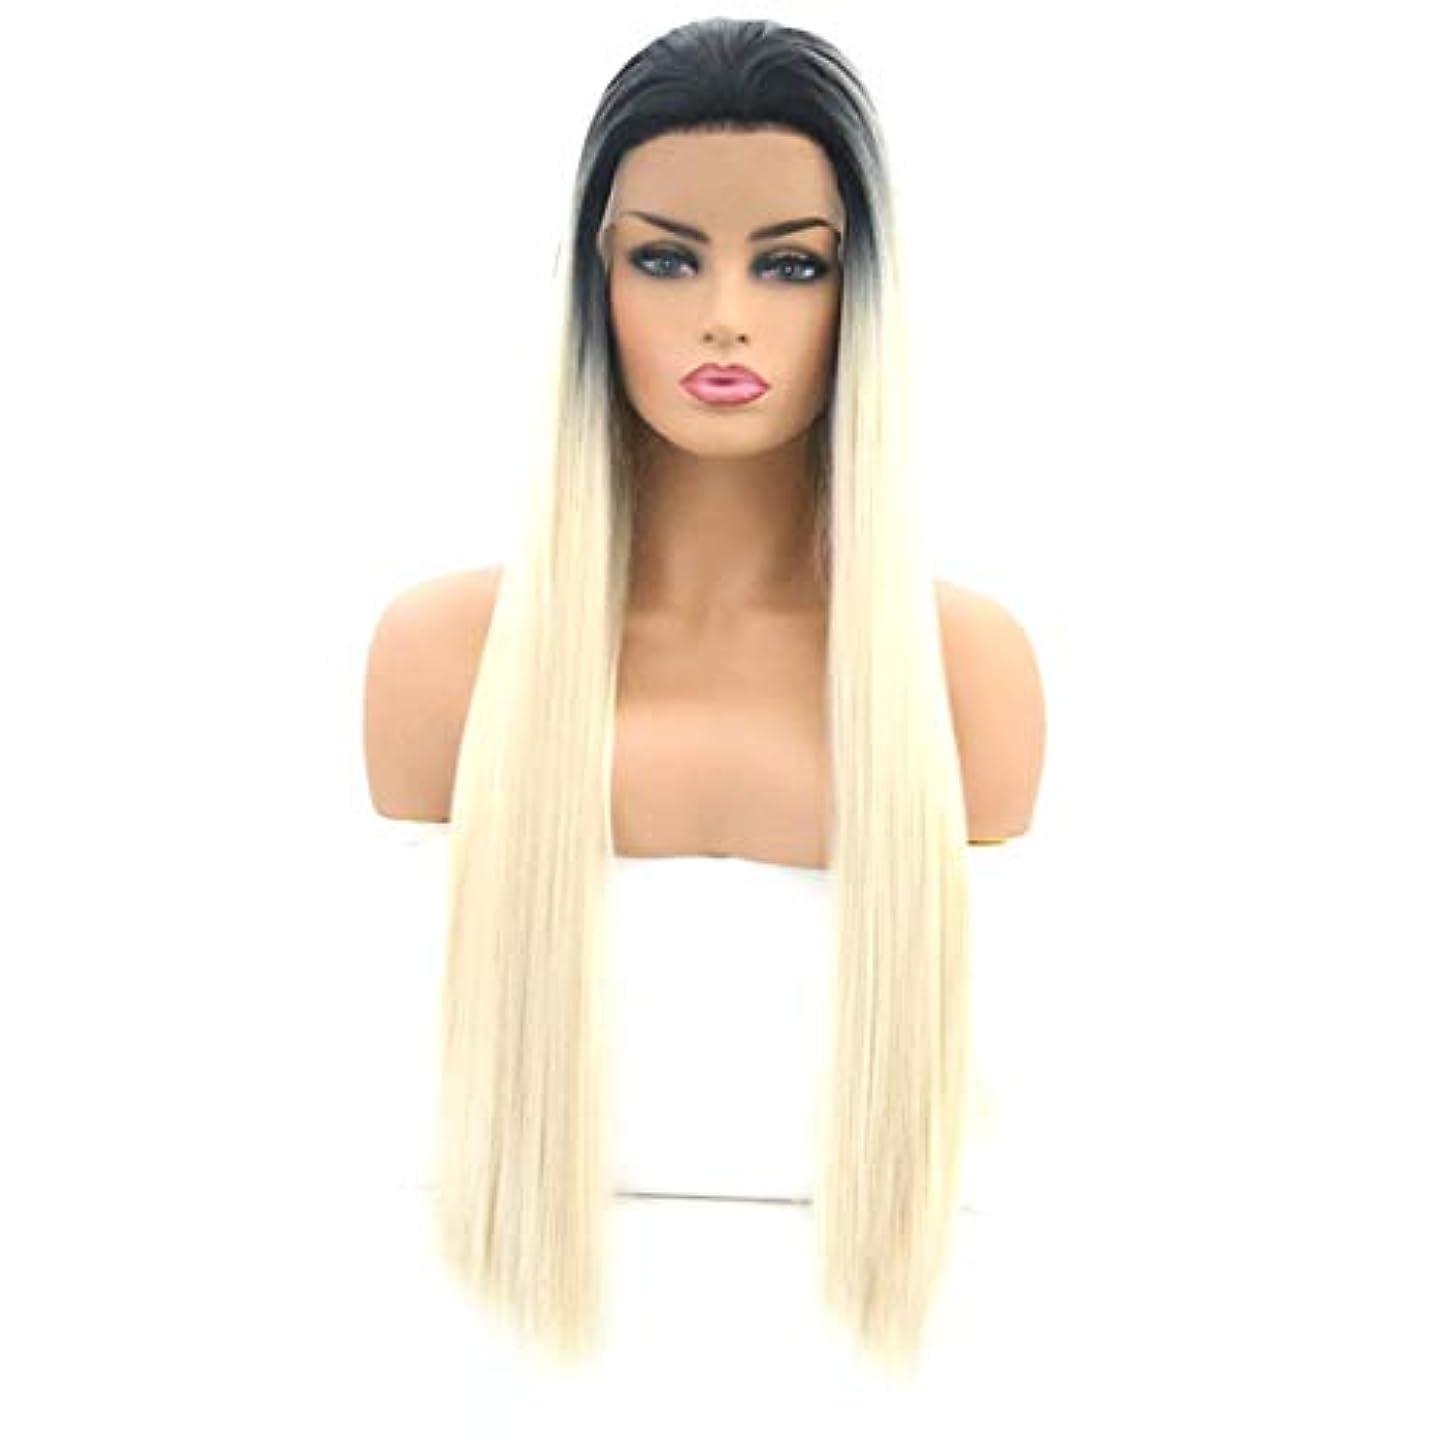 インテリアましいエイズSummerys 女性のためのロングストレートヘアウィッグフロントレース高温シルクウィッグセット (Size : 26 inches)